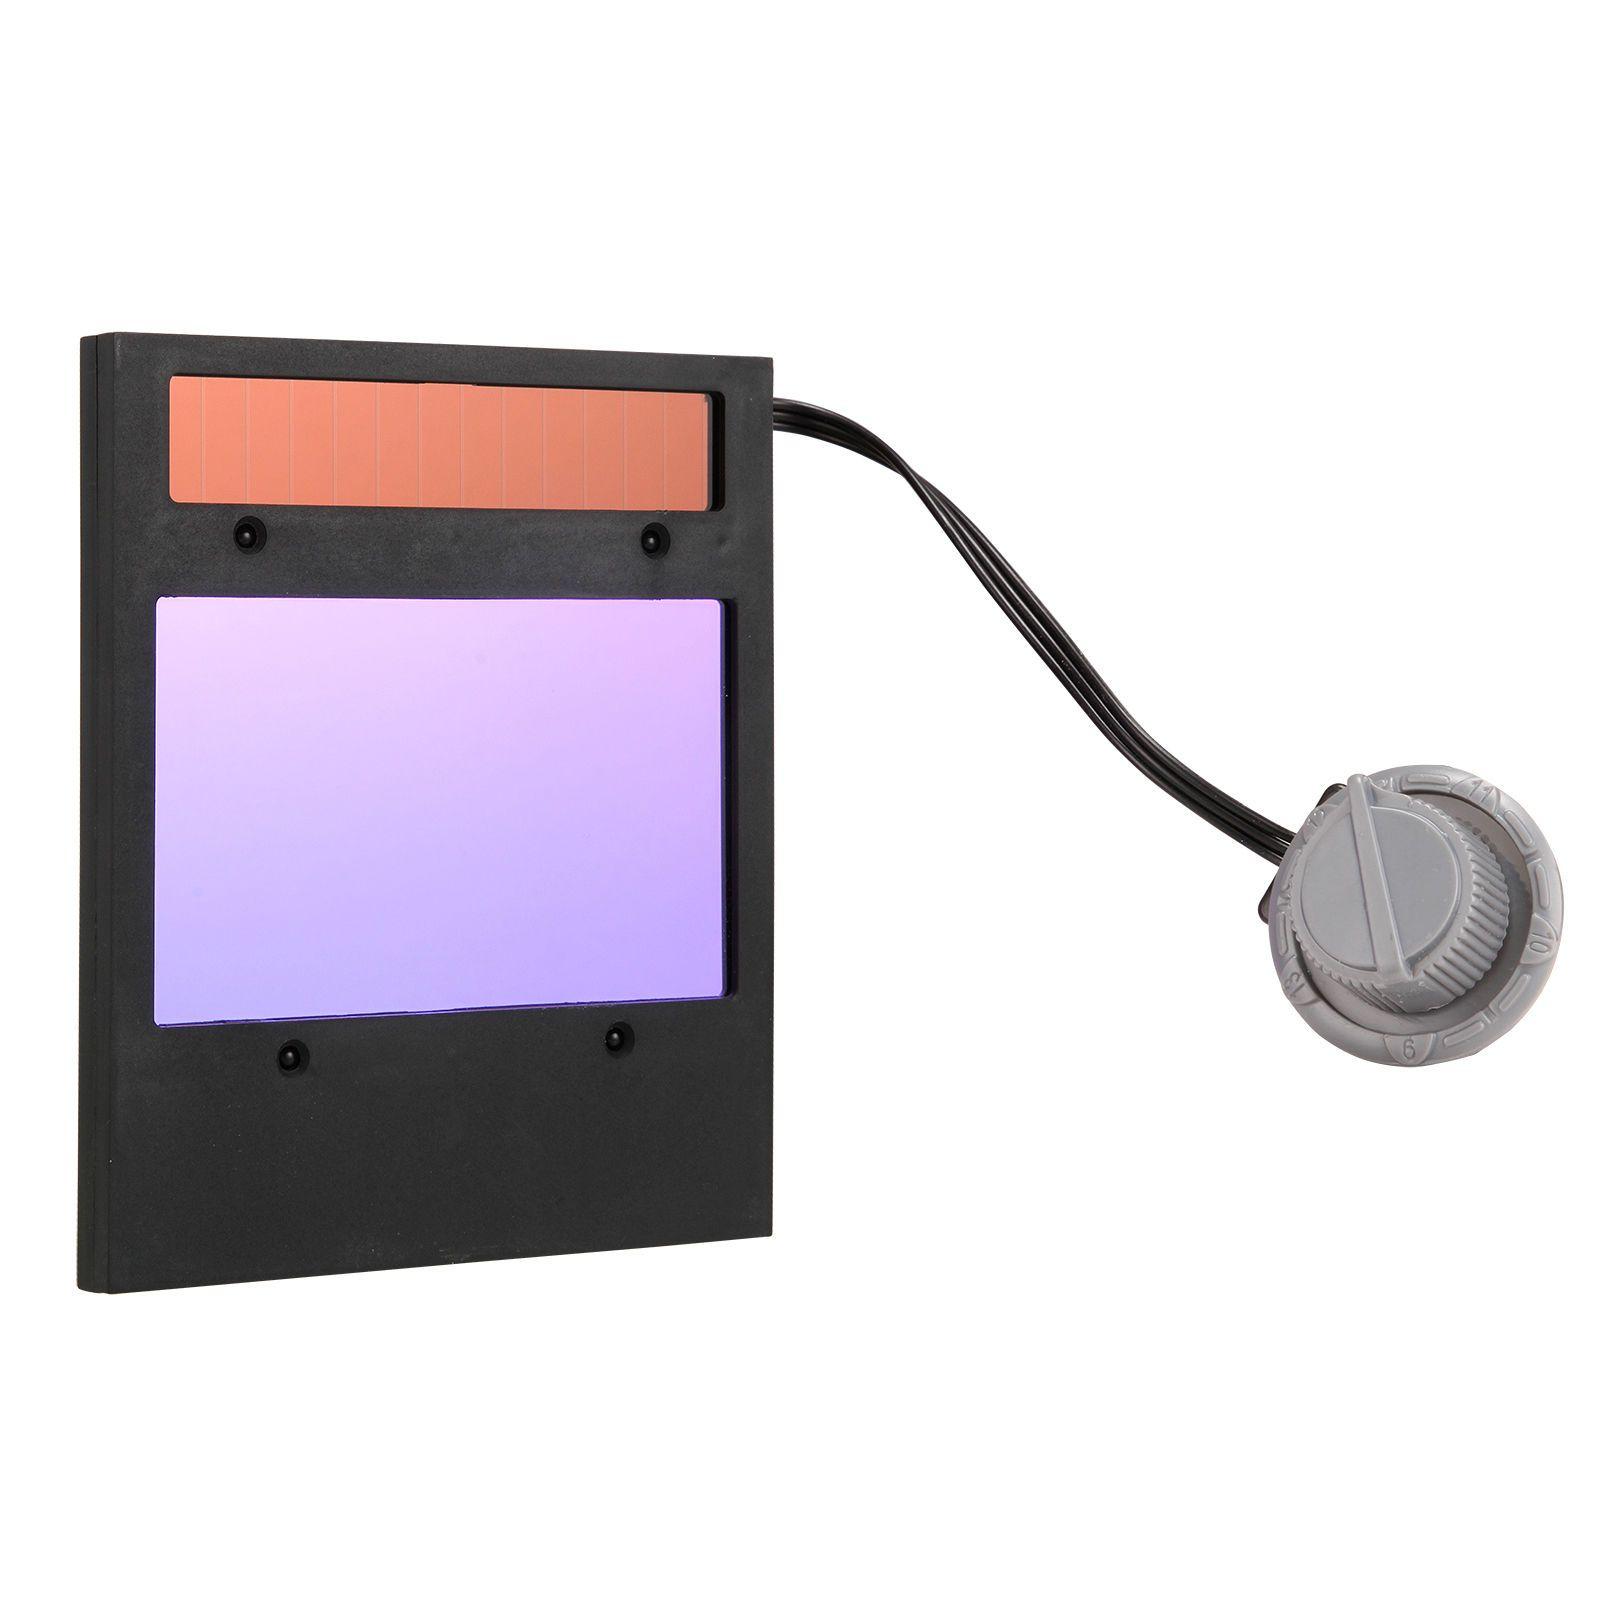 LCD Solar Auto Darkening Welding Helmet Replacement Lens Welding Lens Filter